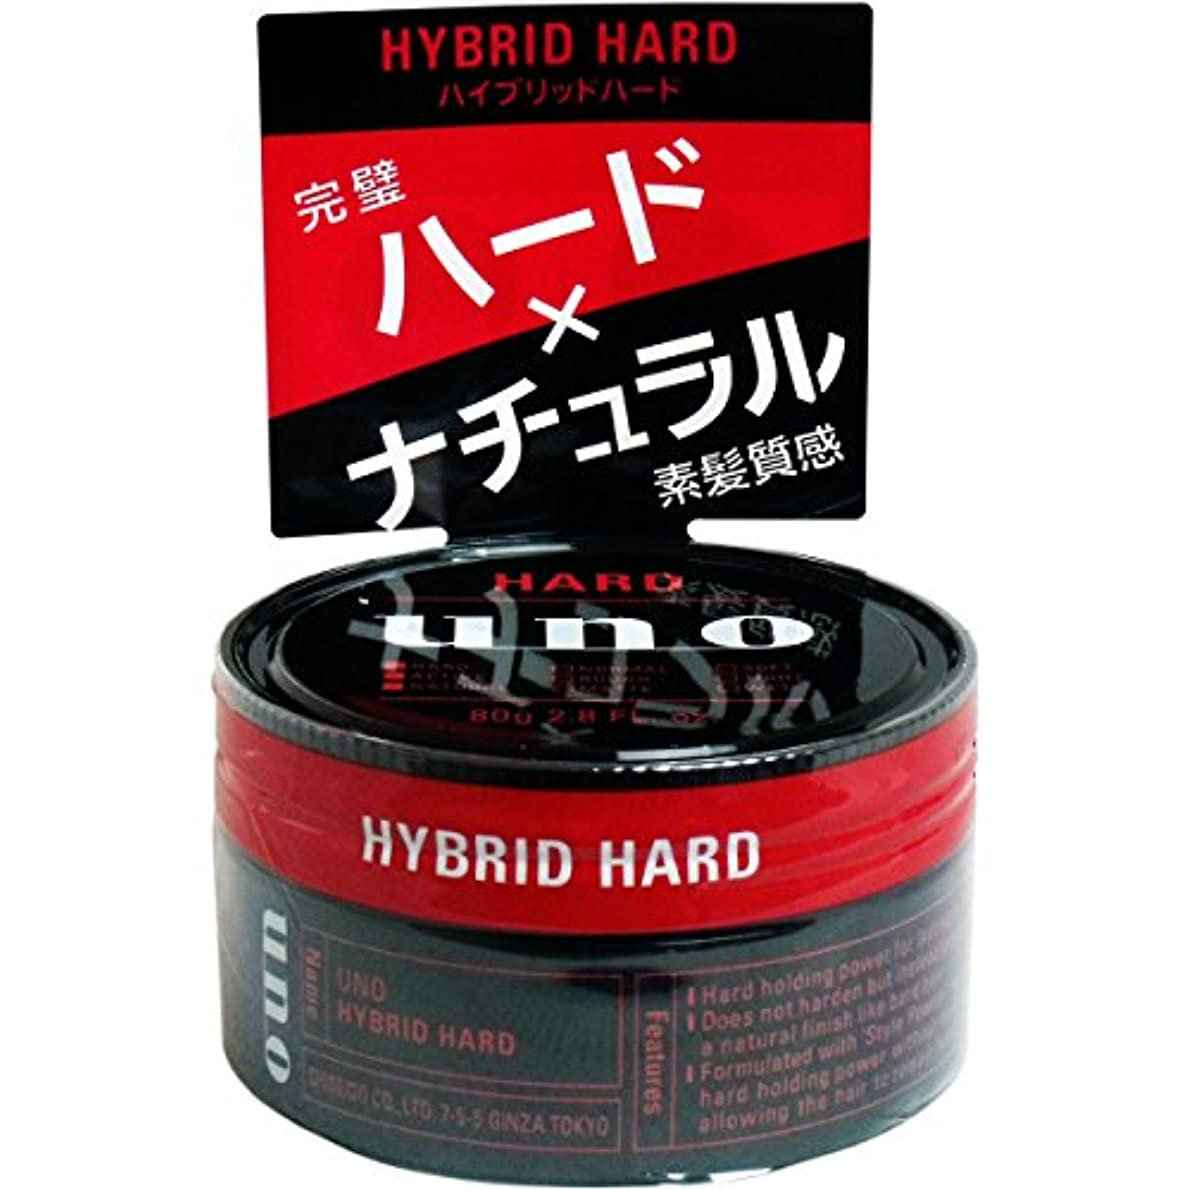 疲労邪悪なお茶ウーノ ハイブリッドハード 80g ワックス×3